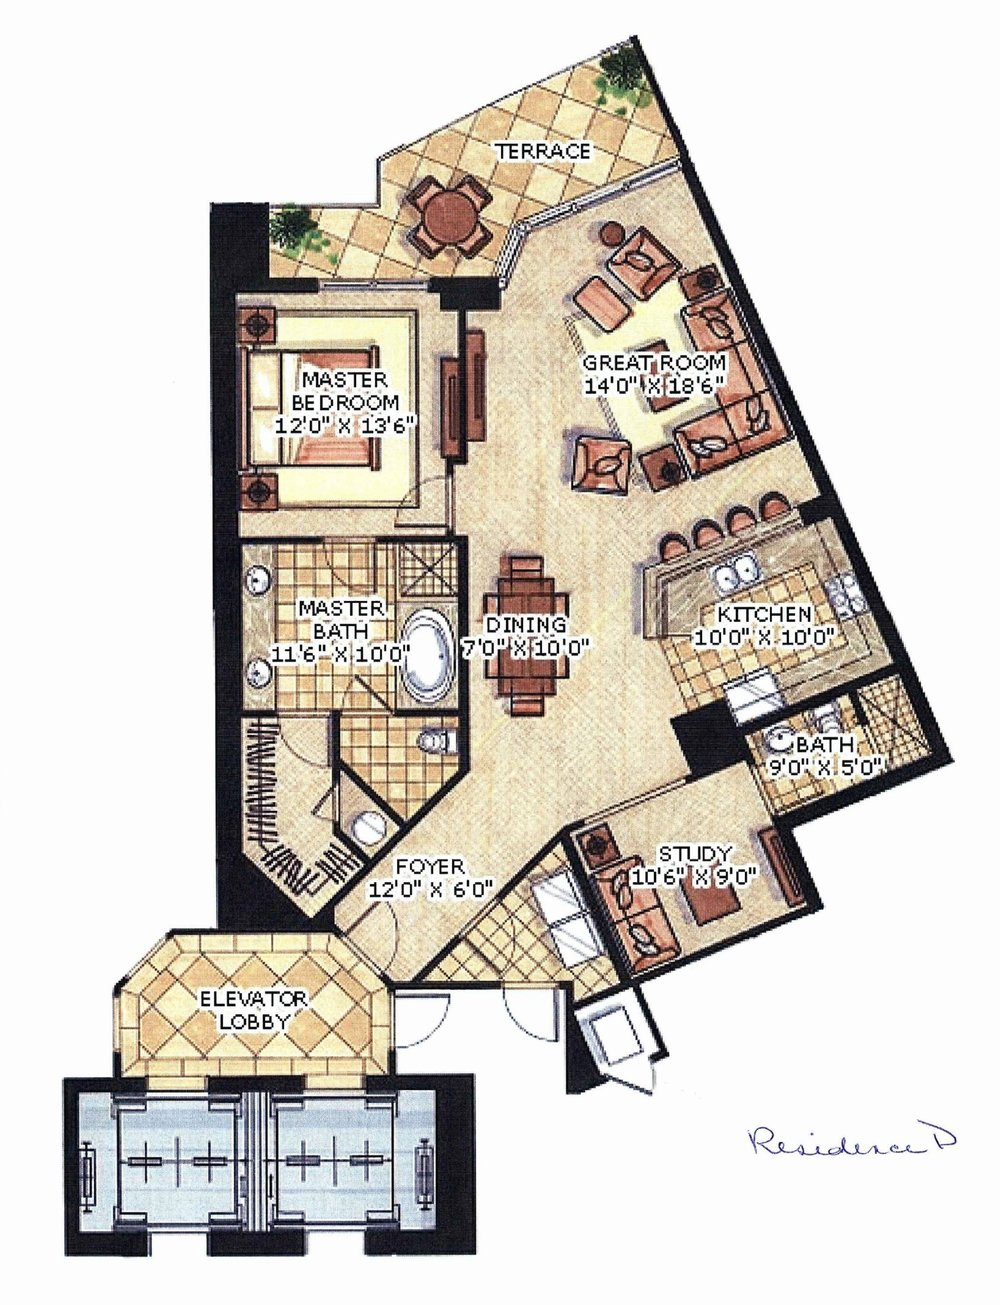 Residence+D+1-2+1440+sf_3.jpg